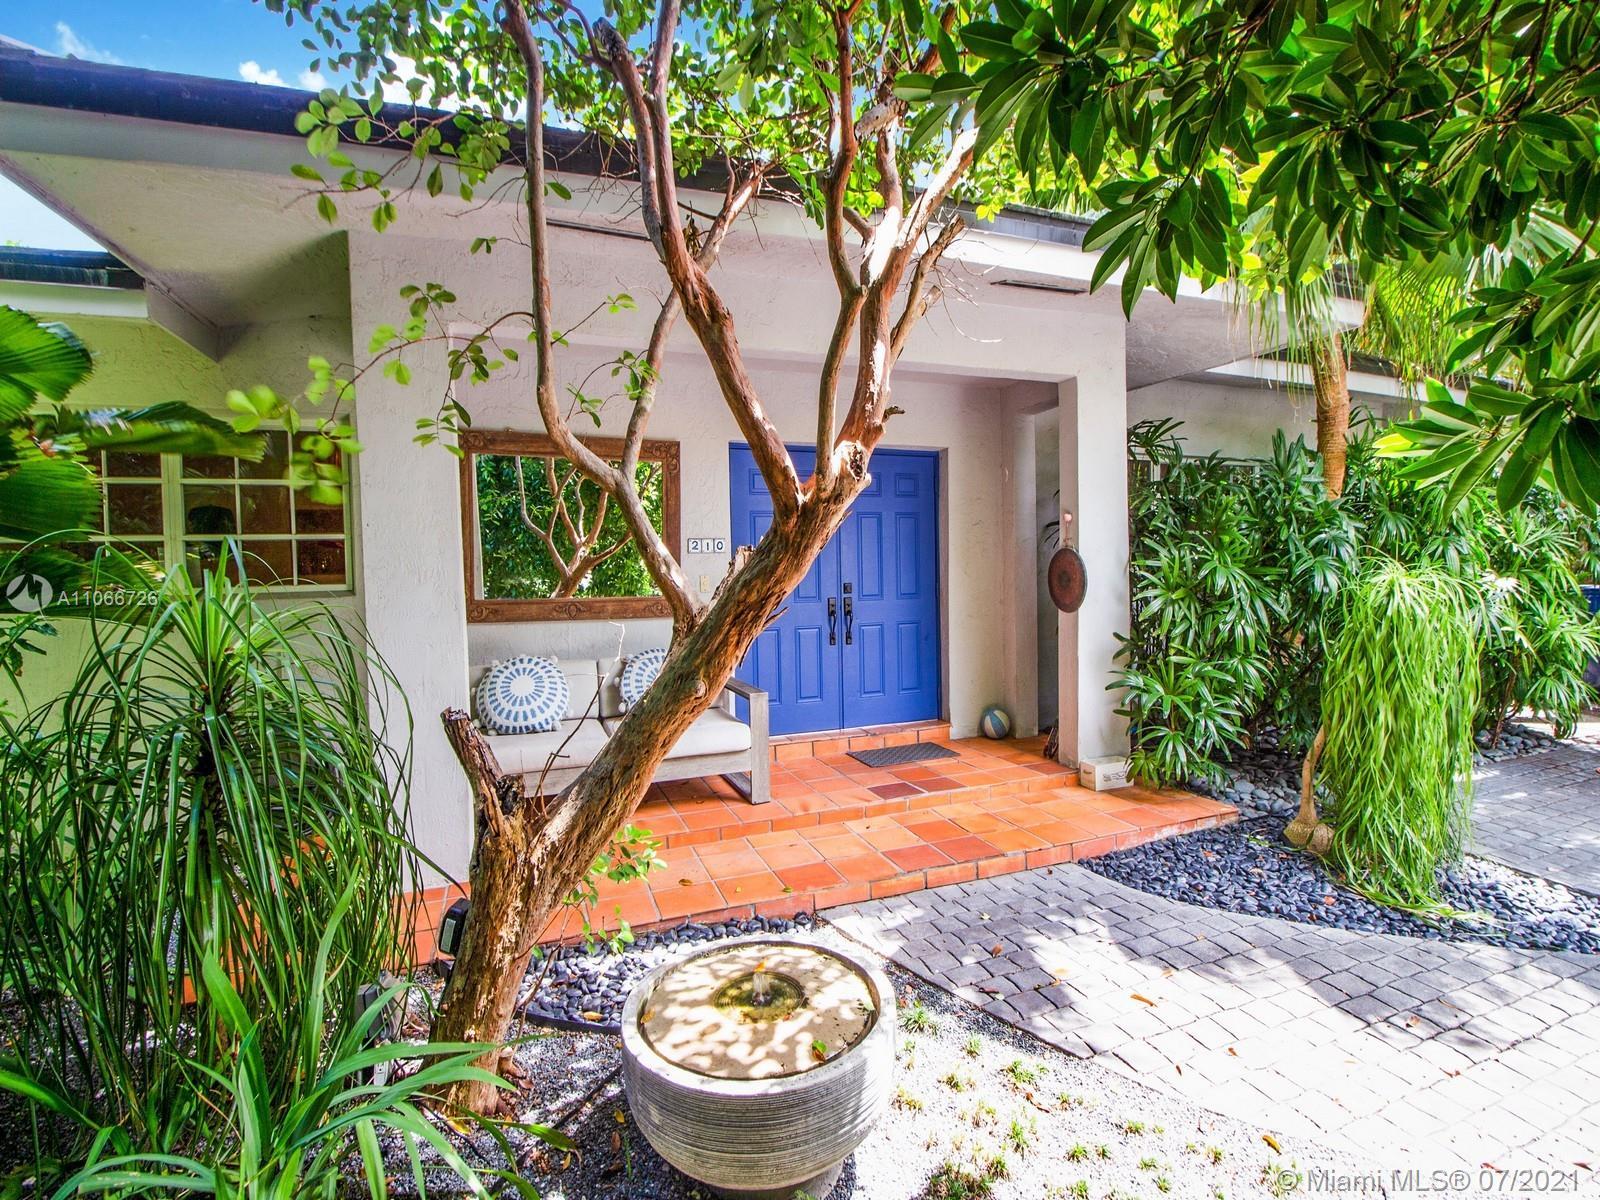 Tropical Isle Homes # - 25 - photo